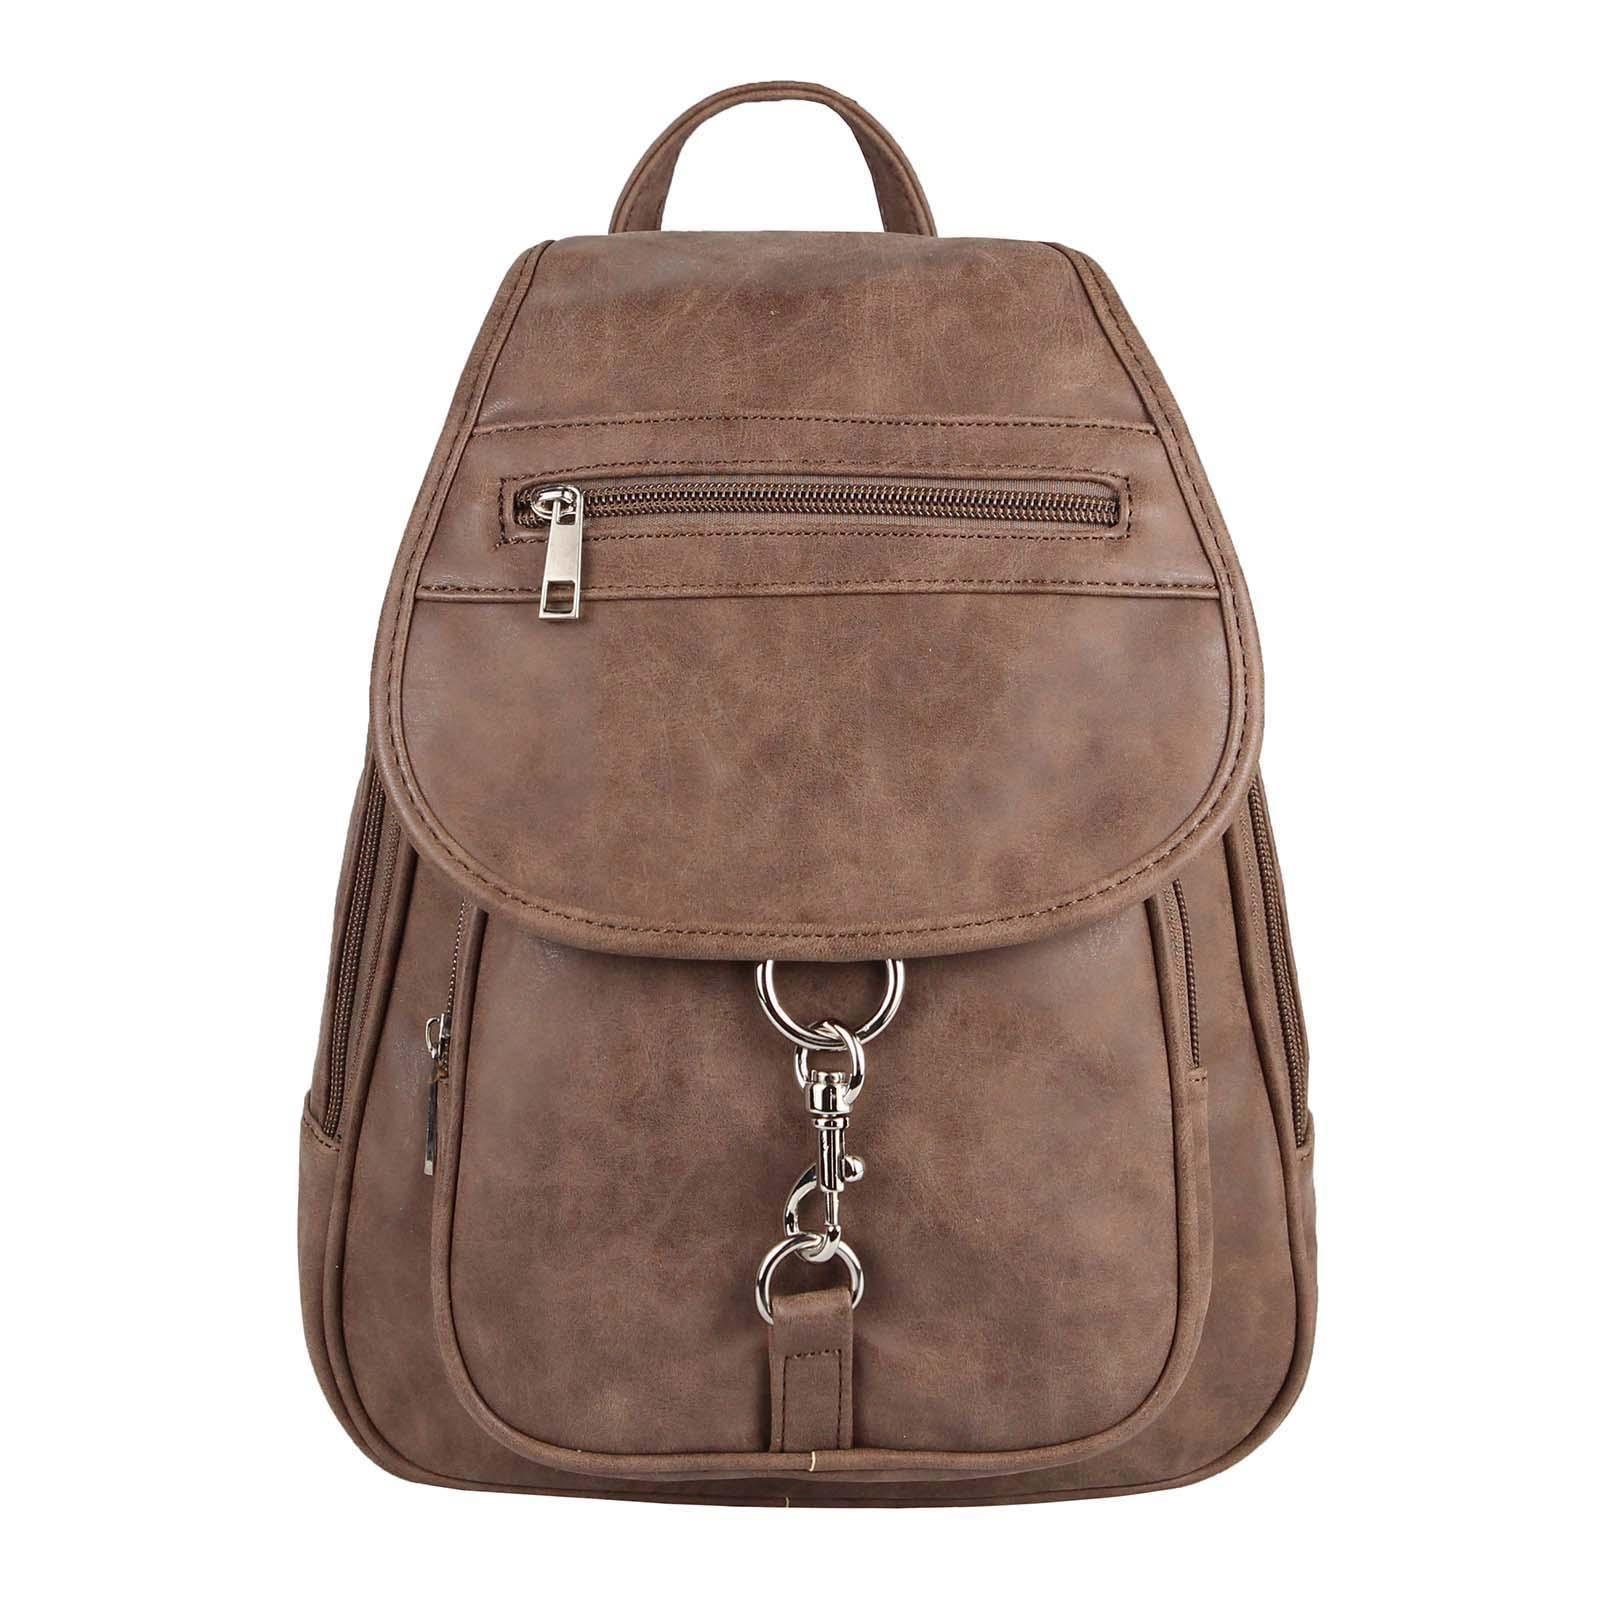 ae2db13715515 Damen Rucksack Cityrucksack Schultertasche Stadtrucksack BackPack Handtasche  Organizer Daypack Tablet bis ca. 8 Zoll